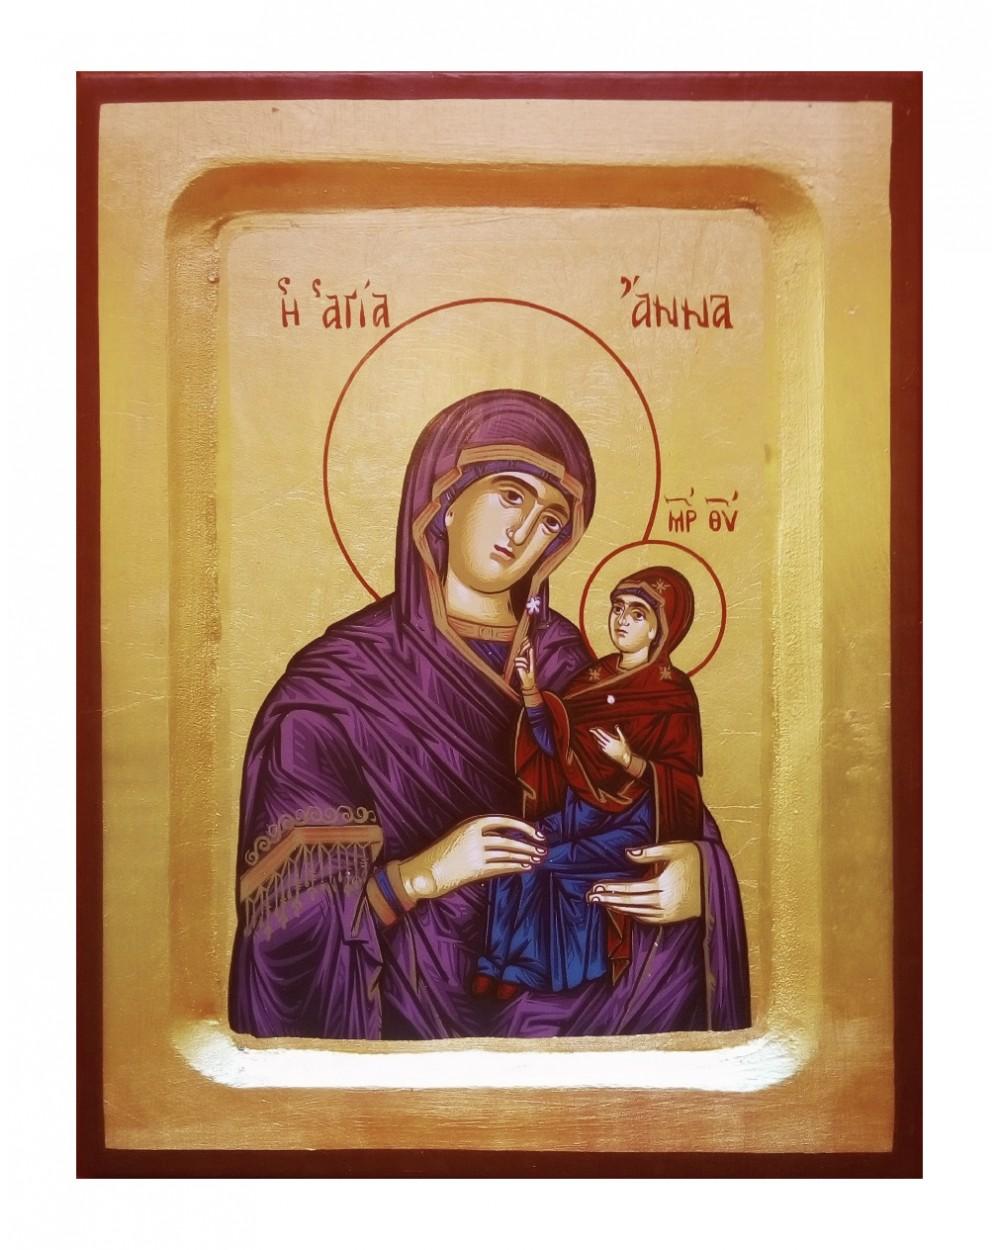 Icona Sant'Anna con Maria